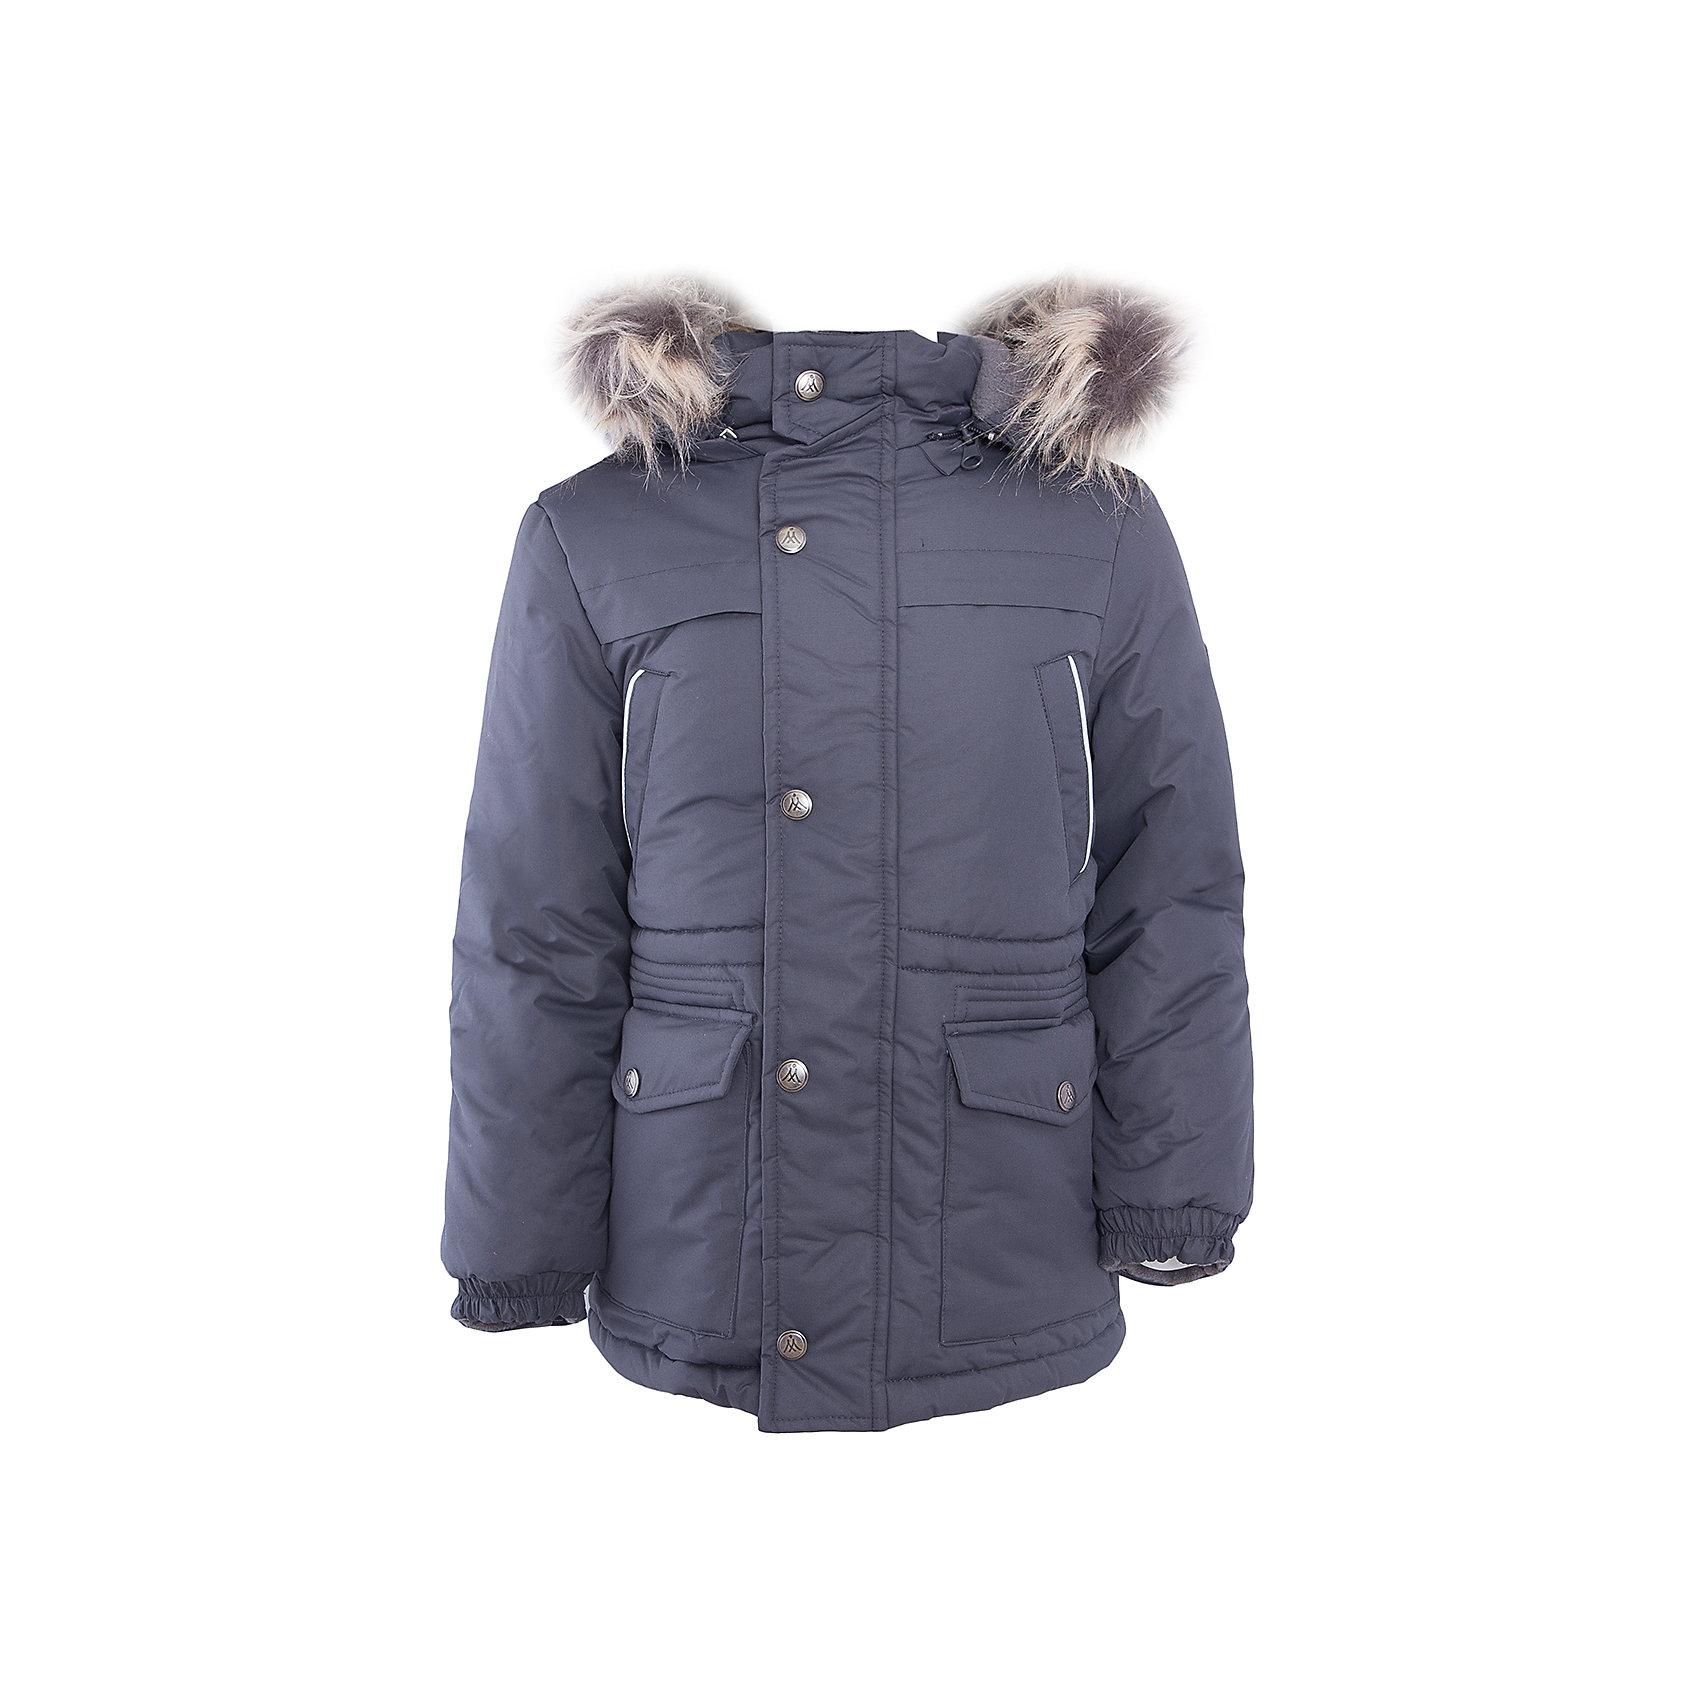 Куртка для мальчика PremontКуртка для мальчика от известного бренда Premont.<br>Фанди – это невероятной красоты залив, омывающий побережье Канады. Этот залив известен своими самыми высокими приливами в мире, в зависимости от них заливменяет свой цвет. Парки принта «Воды Фанди» как раз отражают эти природные изменения и представлены в графитово-сером и в цвете темной охры.<br>Брюки до 6 лет идут с высокой грудкой, после 6 лет - с отстегивающейся спинкой.<br>Состав:<br>Ткань верха: мембрана 5000мм/5000г/м2/24h, Taslan<br>Подклад: Polarfleece (тело, капюшон, манжеты), Taffeta (рукава)<br>Утеплитель: Tech-polyfill (куртка 280г)<br><br>Ширина мм: 356<br>Глубина мм: 10<br>Высота мм: 245<br>Вес г: 519<br>Цвет: серый<br>Возраст от месяцев: 156<br>Возраст до месяцев: 168<br>Пол: Мужской<br>Возраст: Детский<br>Размер: 164,110,116,122,128,134,140,146,152,158<br>SKU: 4996867